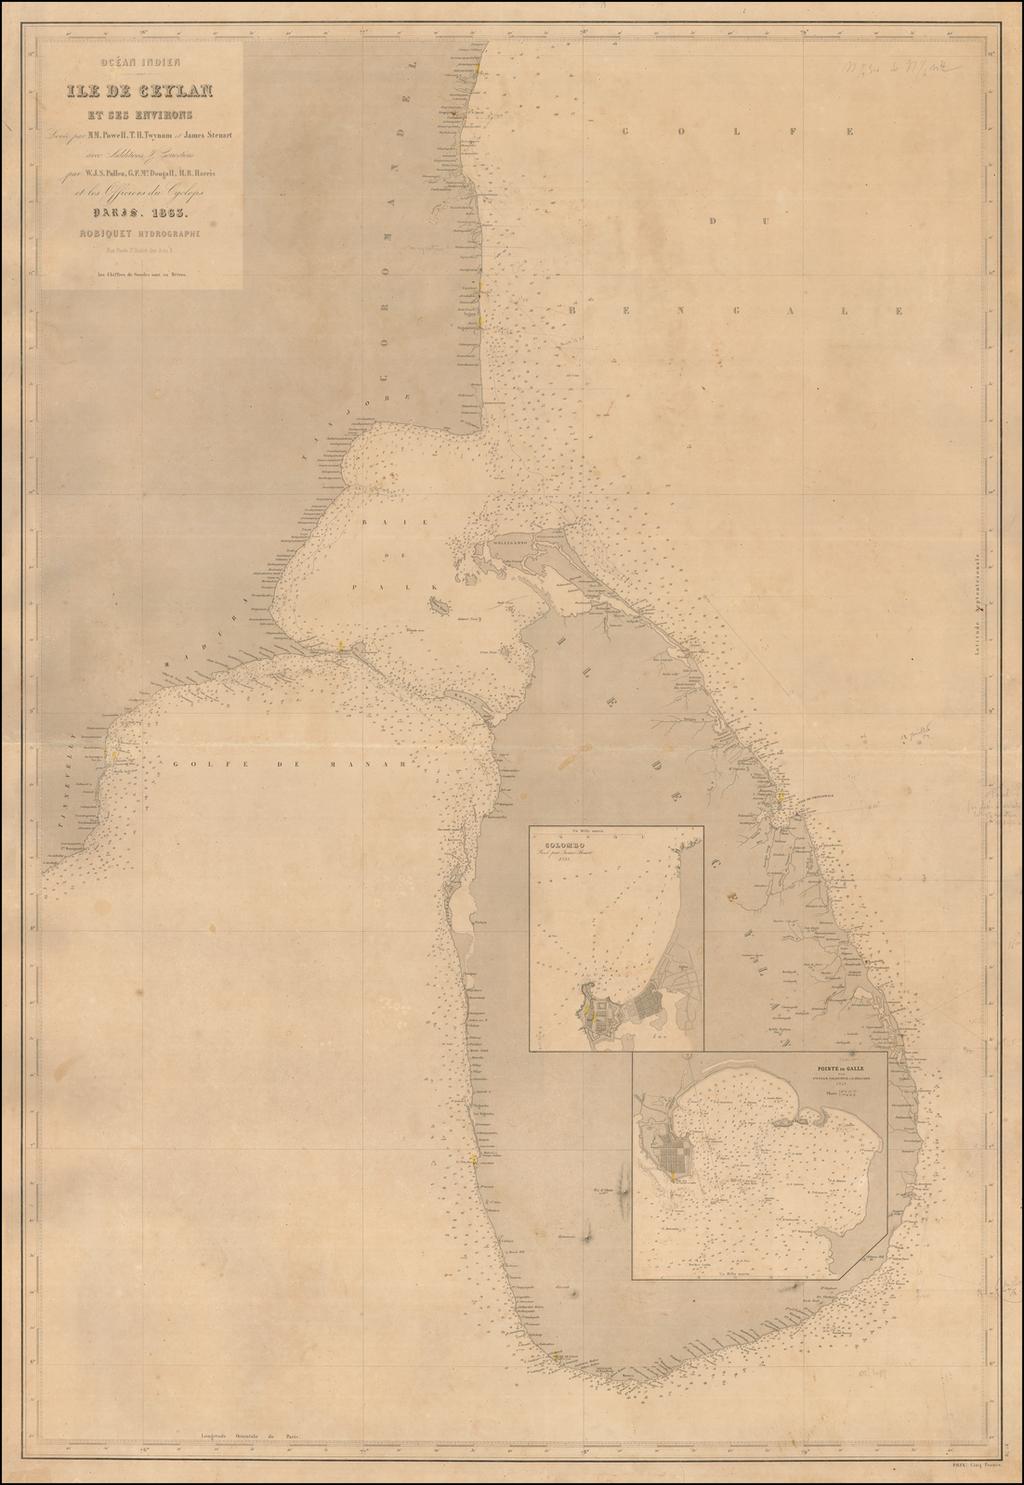 (Sri Lanka) Ile De Ceylan Et Ses Environs Levee par M.M. Powell, T.H. Twynam et James Steuart avect Additions & Corrections par W.J.S. Pullen, G.F. McDougall, H.R. Harris et les Officiers Cyclops  Paris. 1863. By Aime Robiquet